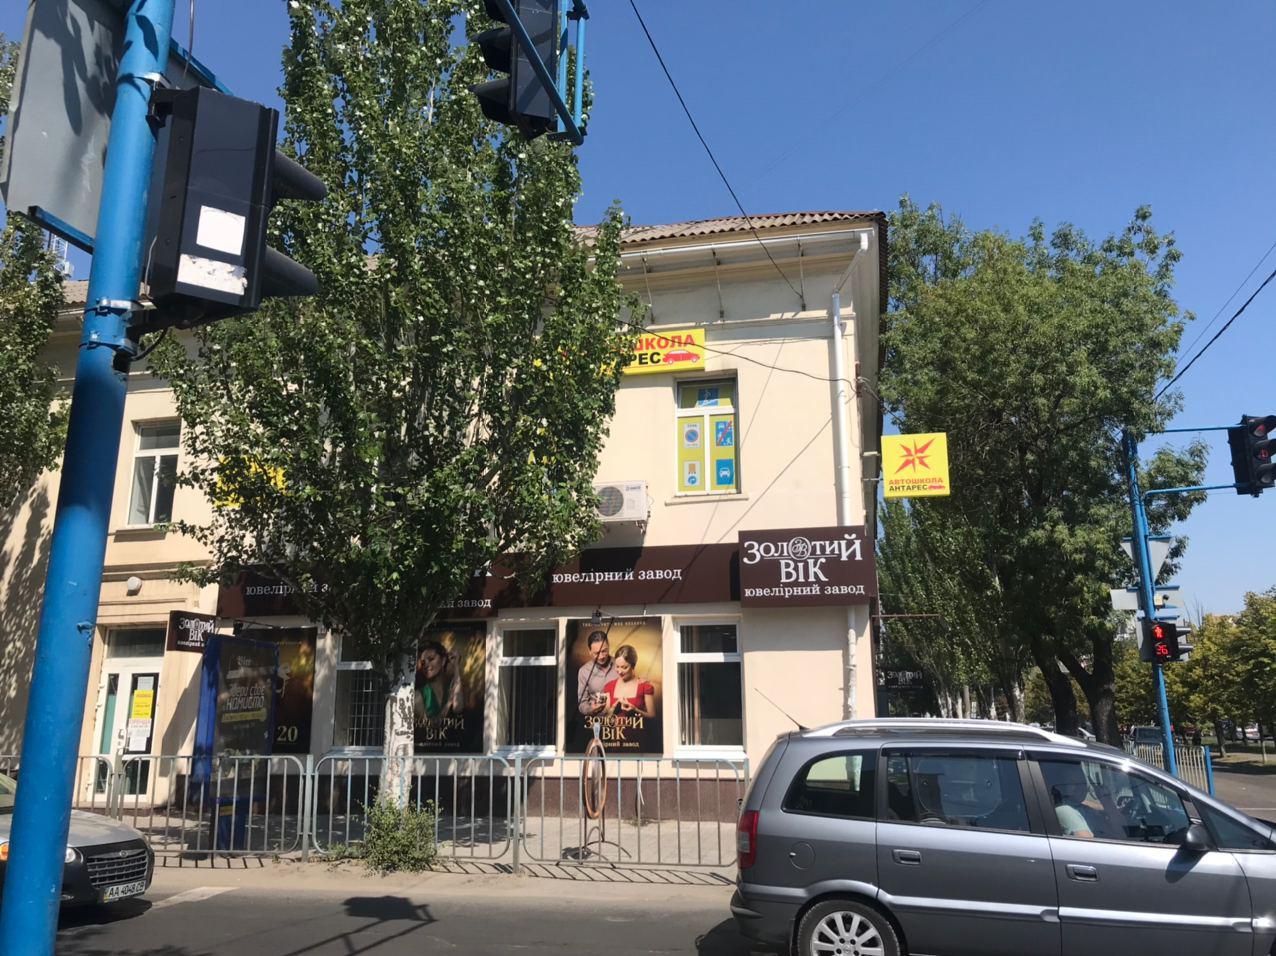 м.Бердянськ вул. Італьянська 53